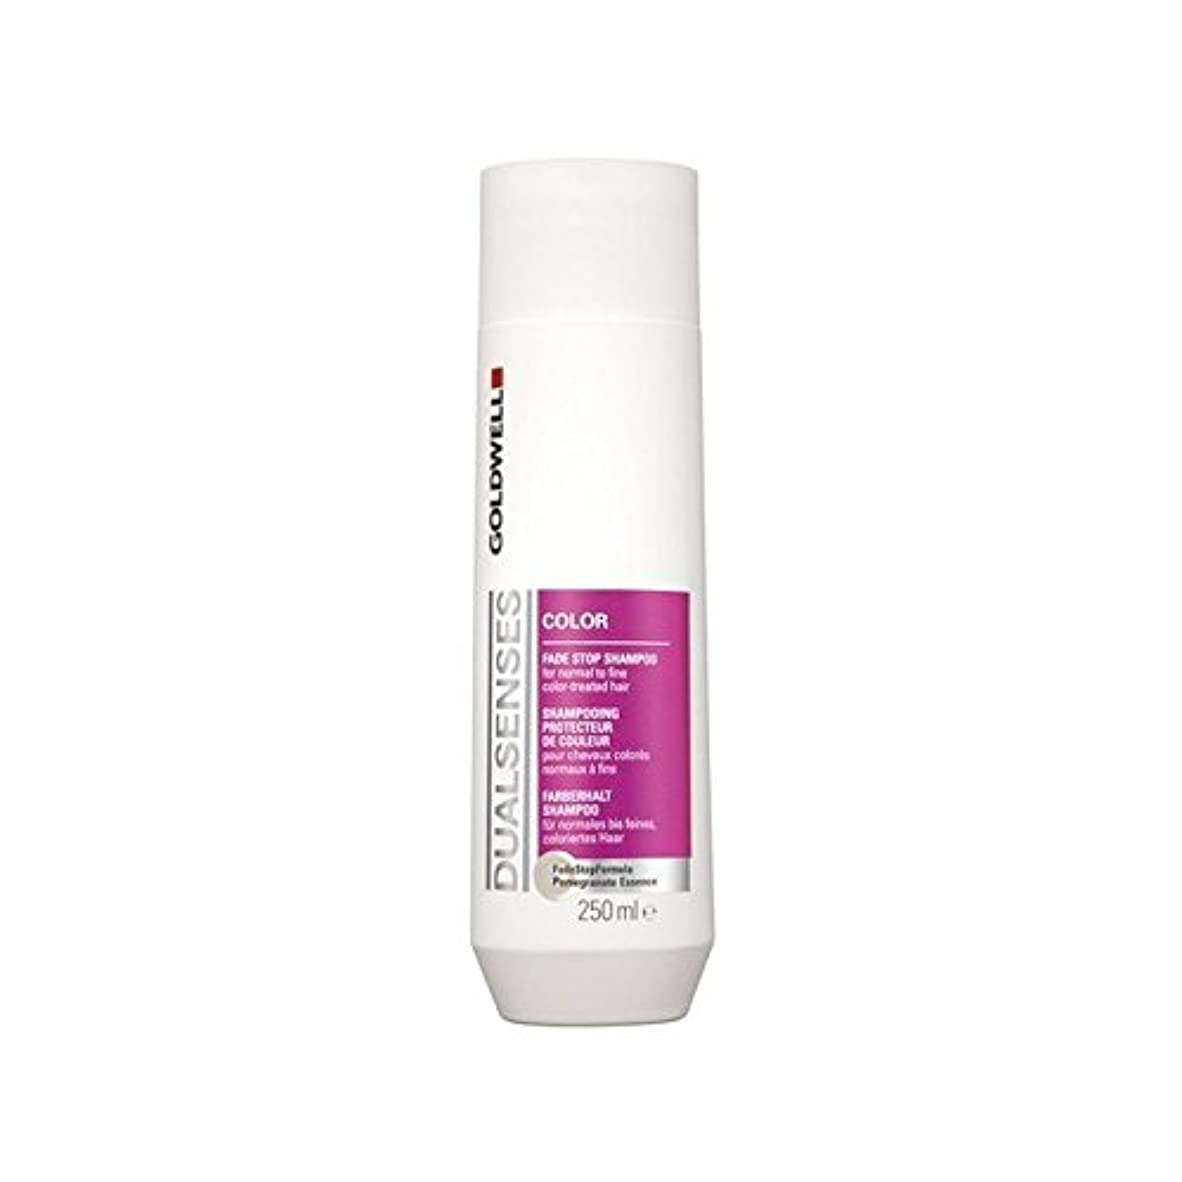 ヘルパー分離する敬Goldwell Dualsenses Color Shampoo (250ml) - カラーシャンプー(250ミリリットル)を [並行輸入品]